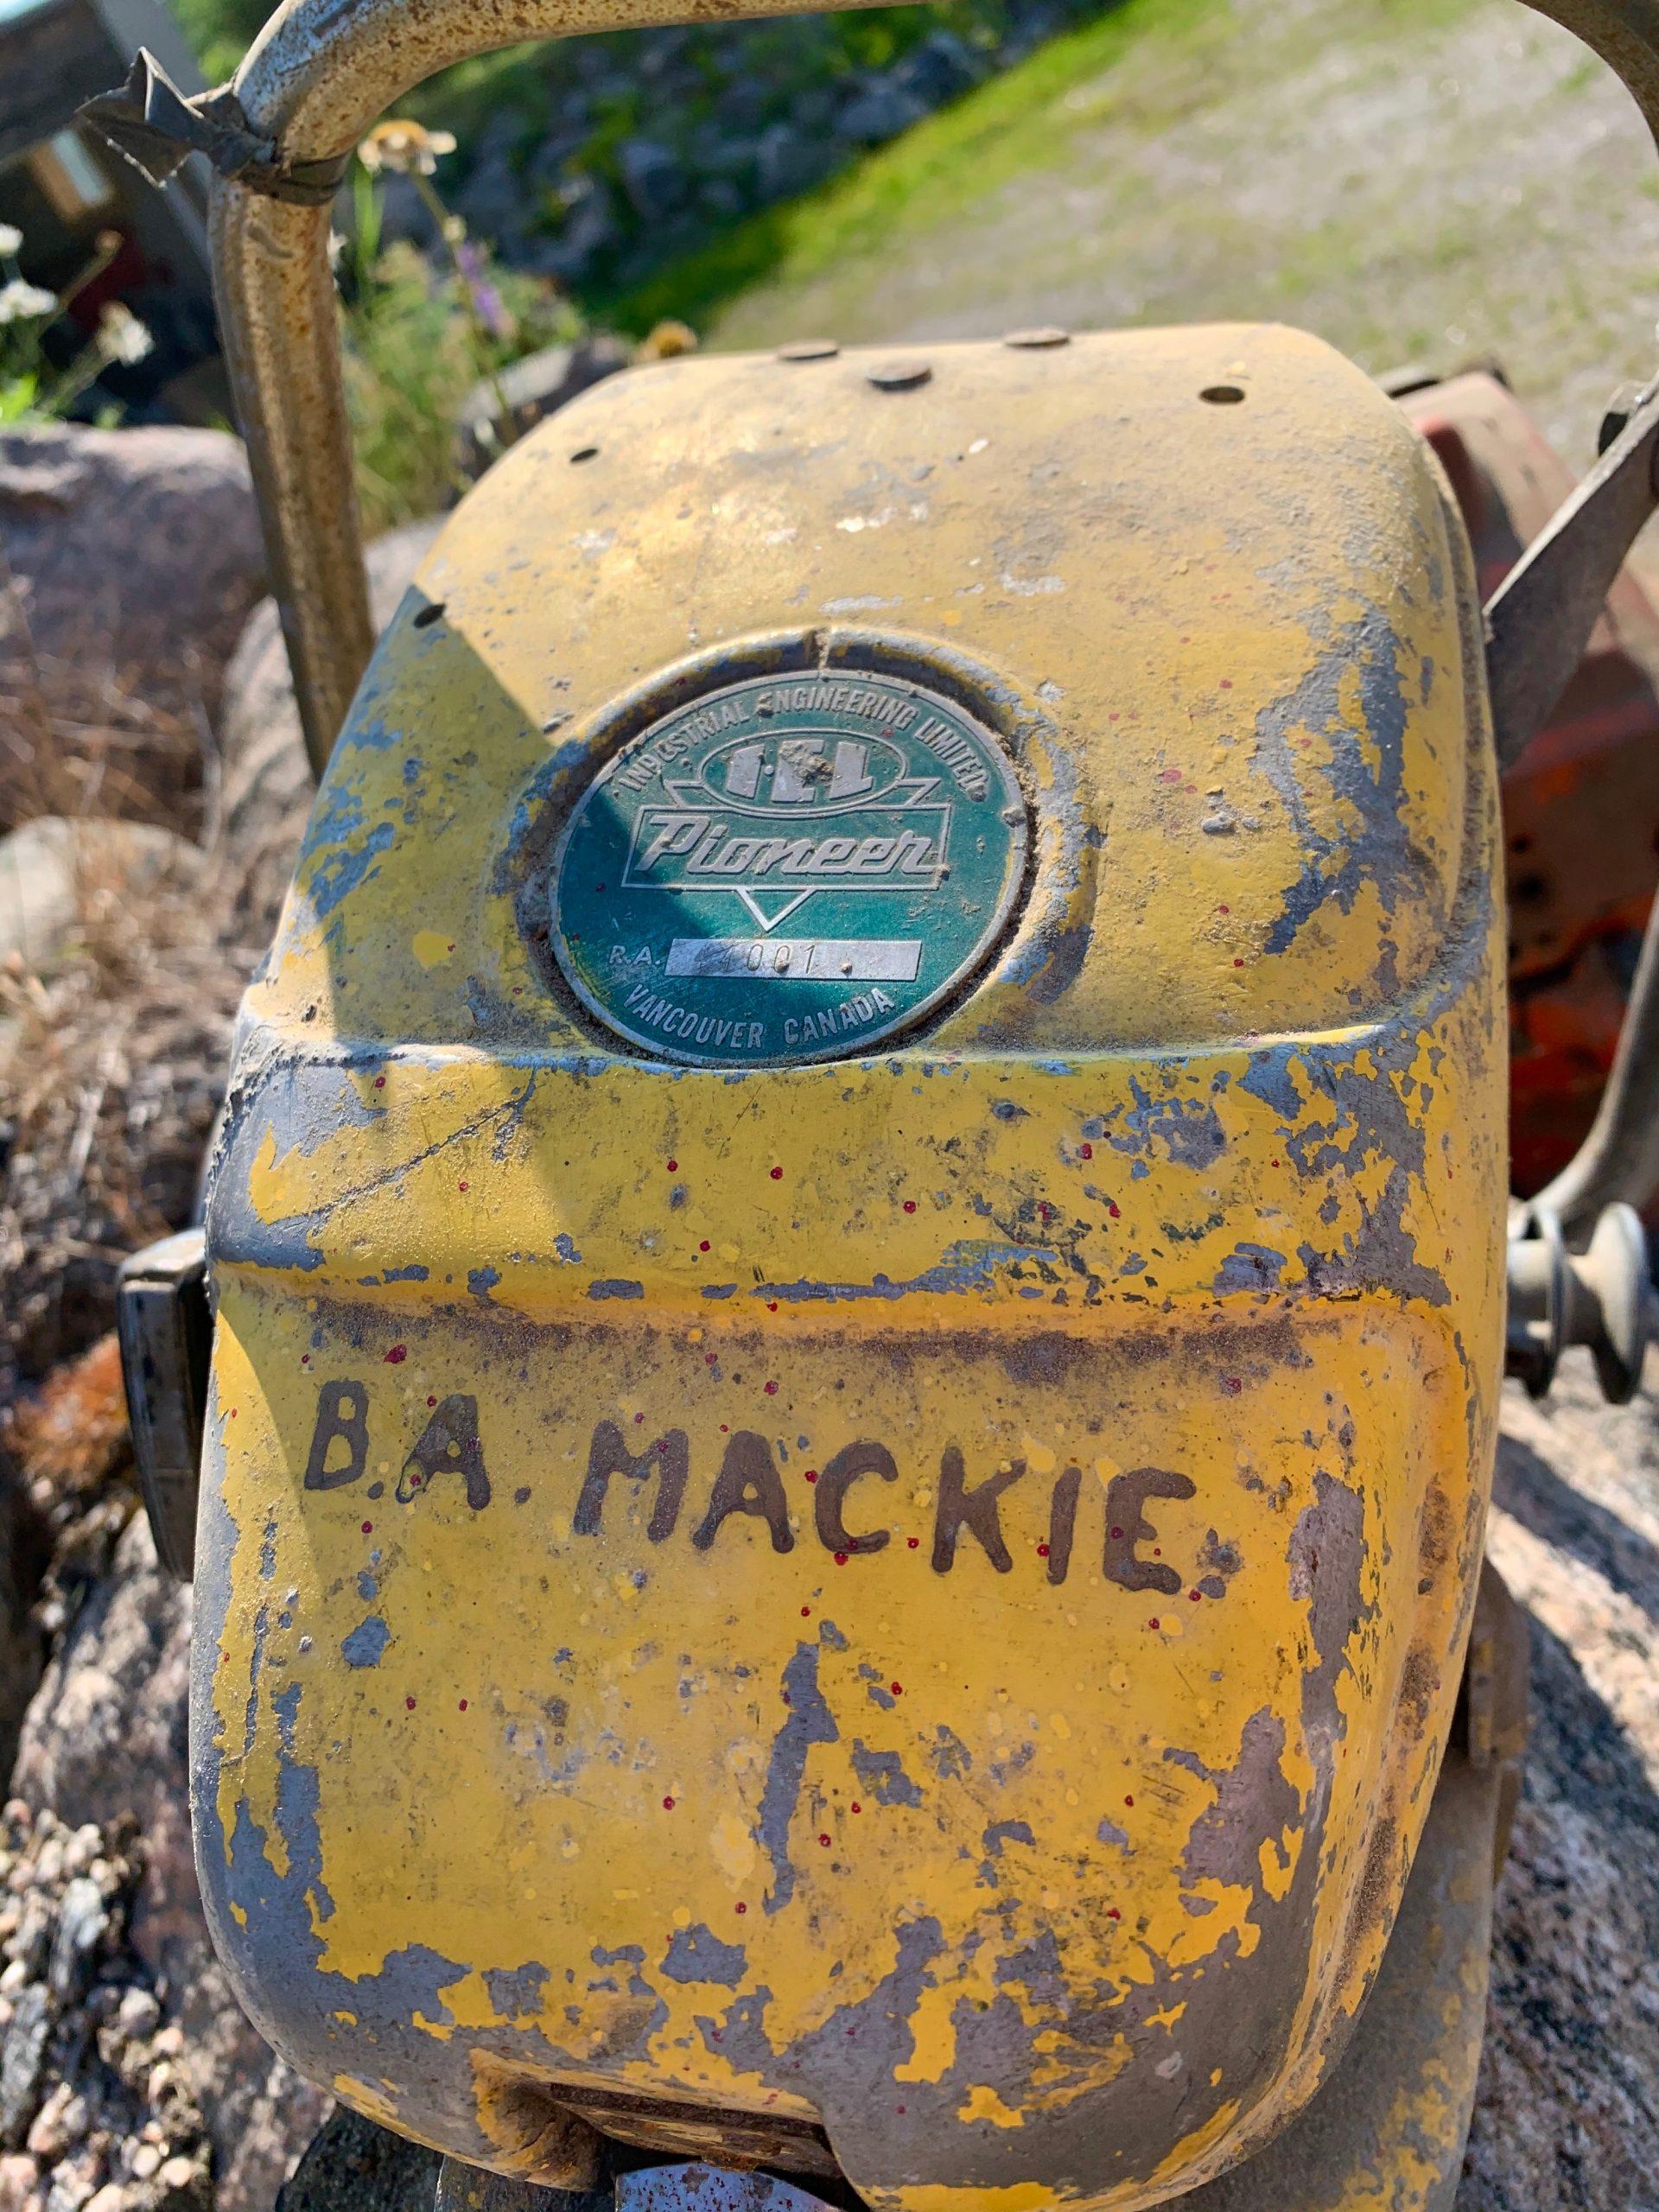 B. Allan Mackie, pioneer, log builder